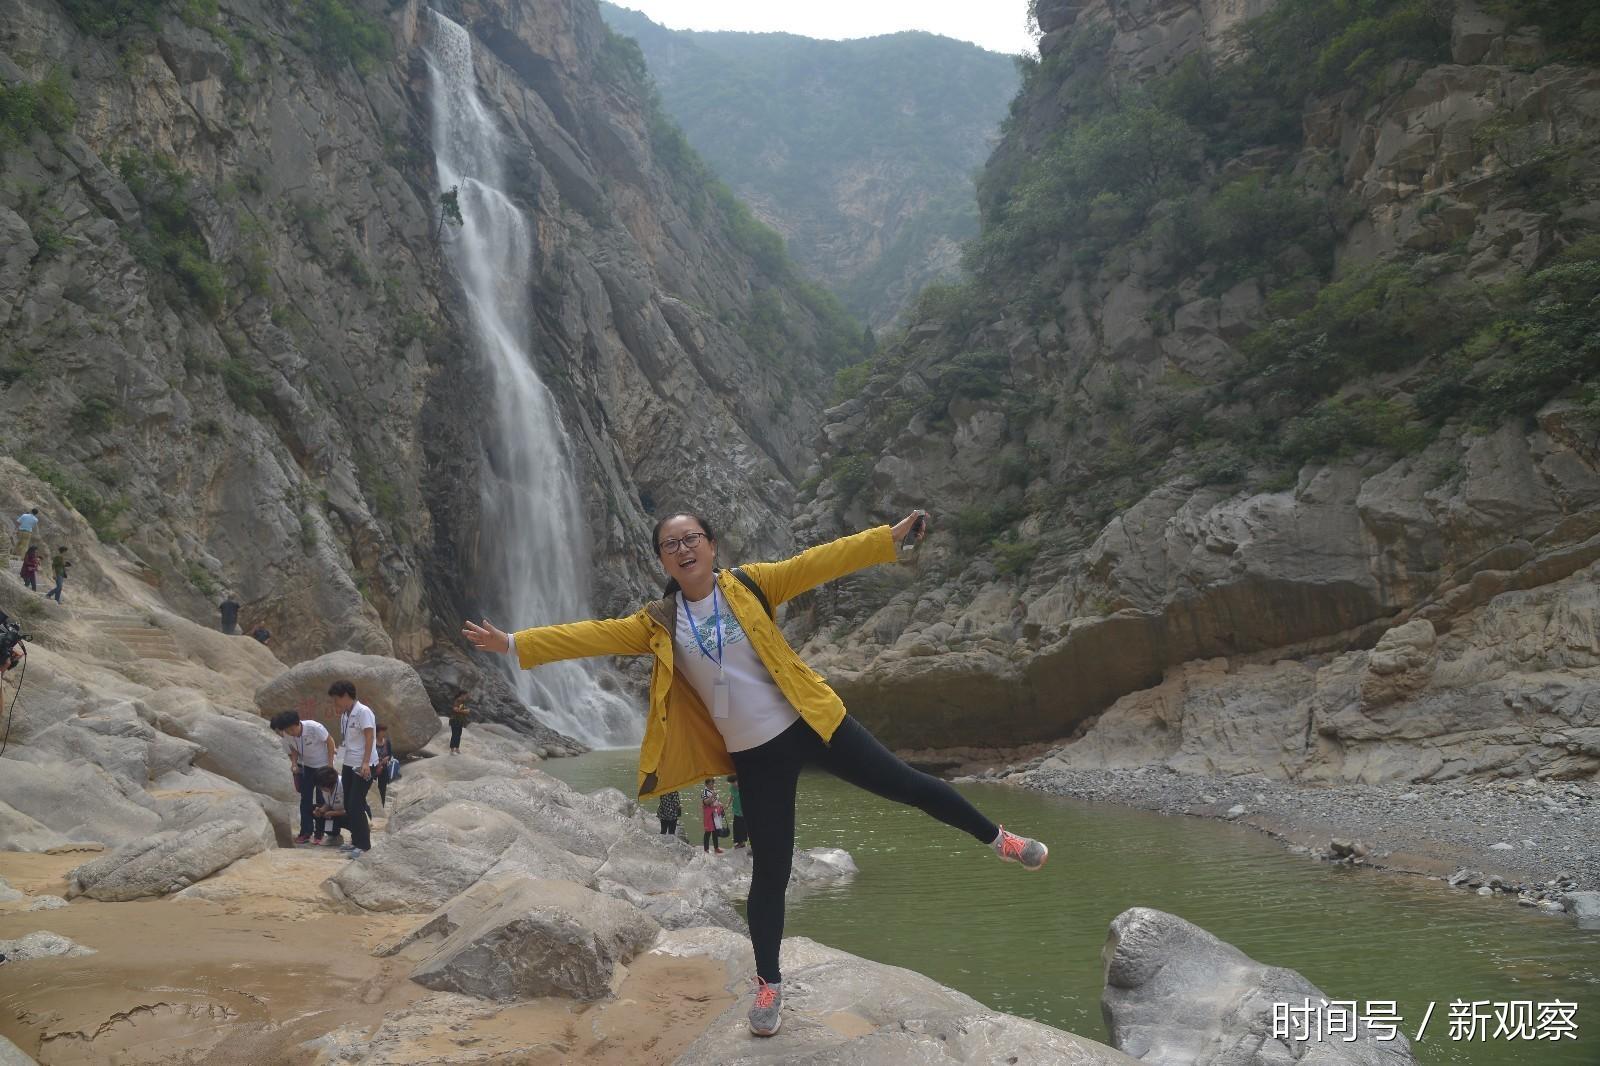 泾阳县郑国渠旅游风景区开始试运营